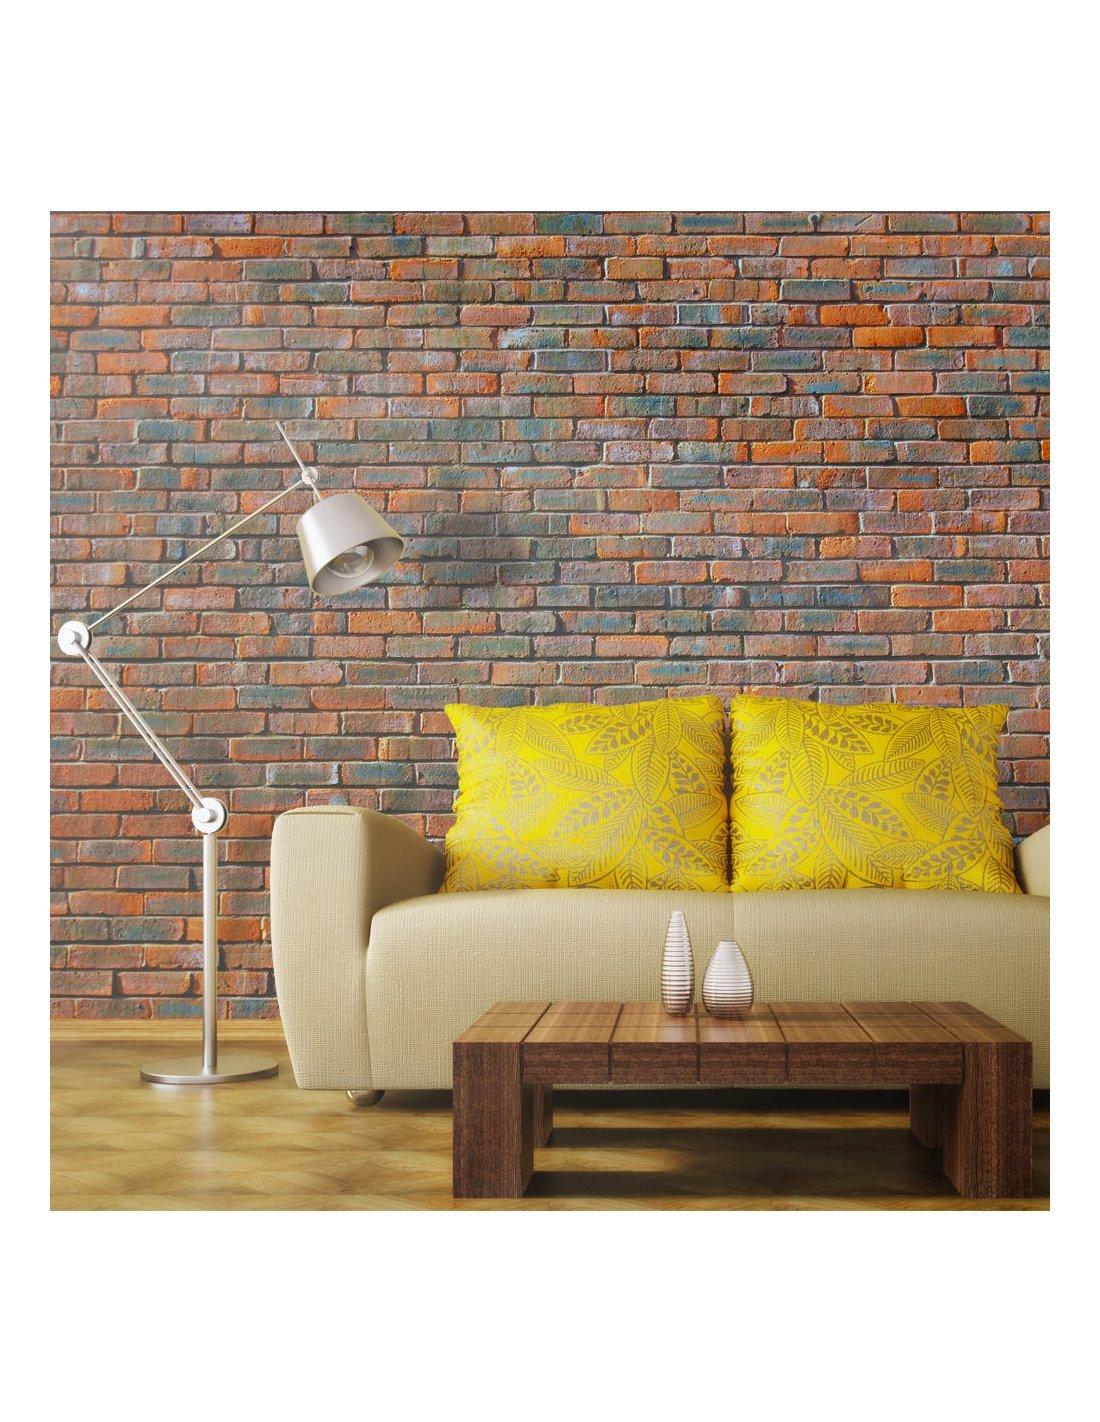 papier peint mur en briques 89 90 chez recollection. Black Bedroom Furniture Sets. Home Design Ideas